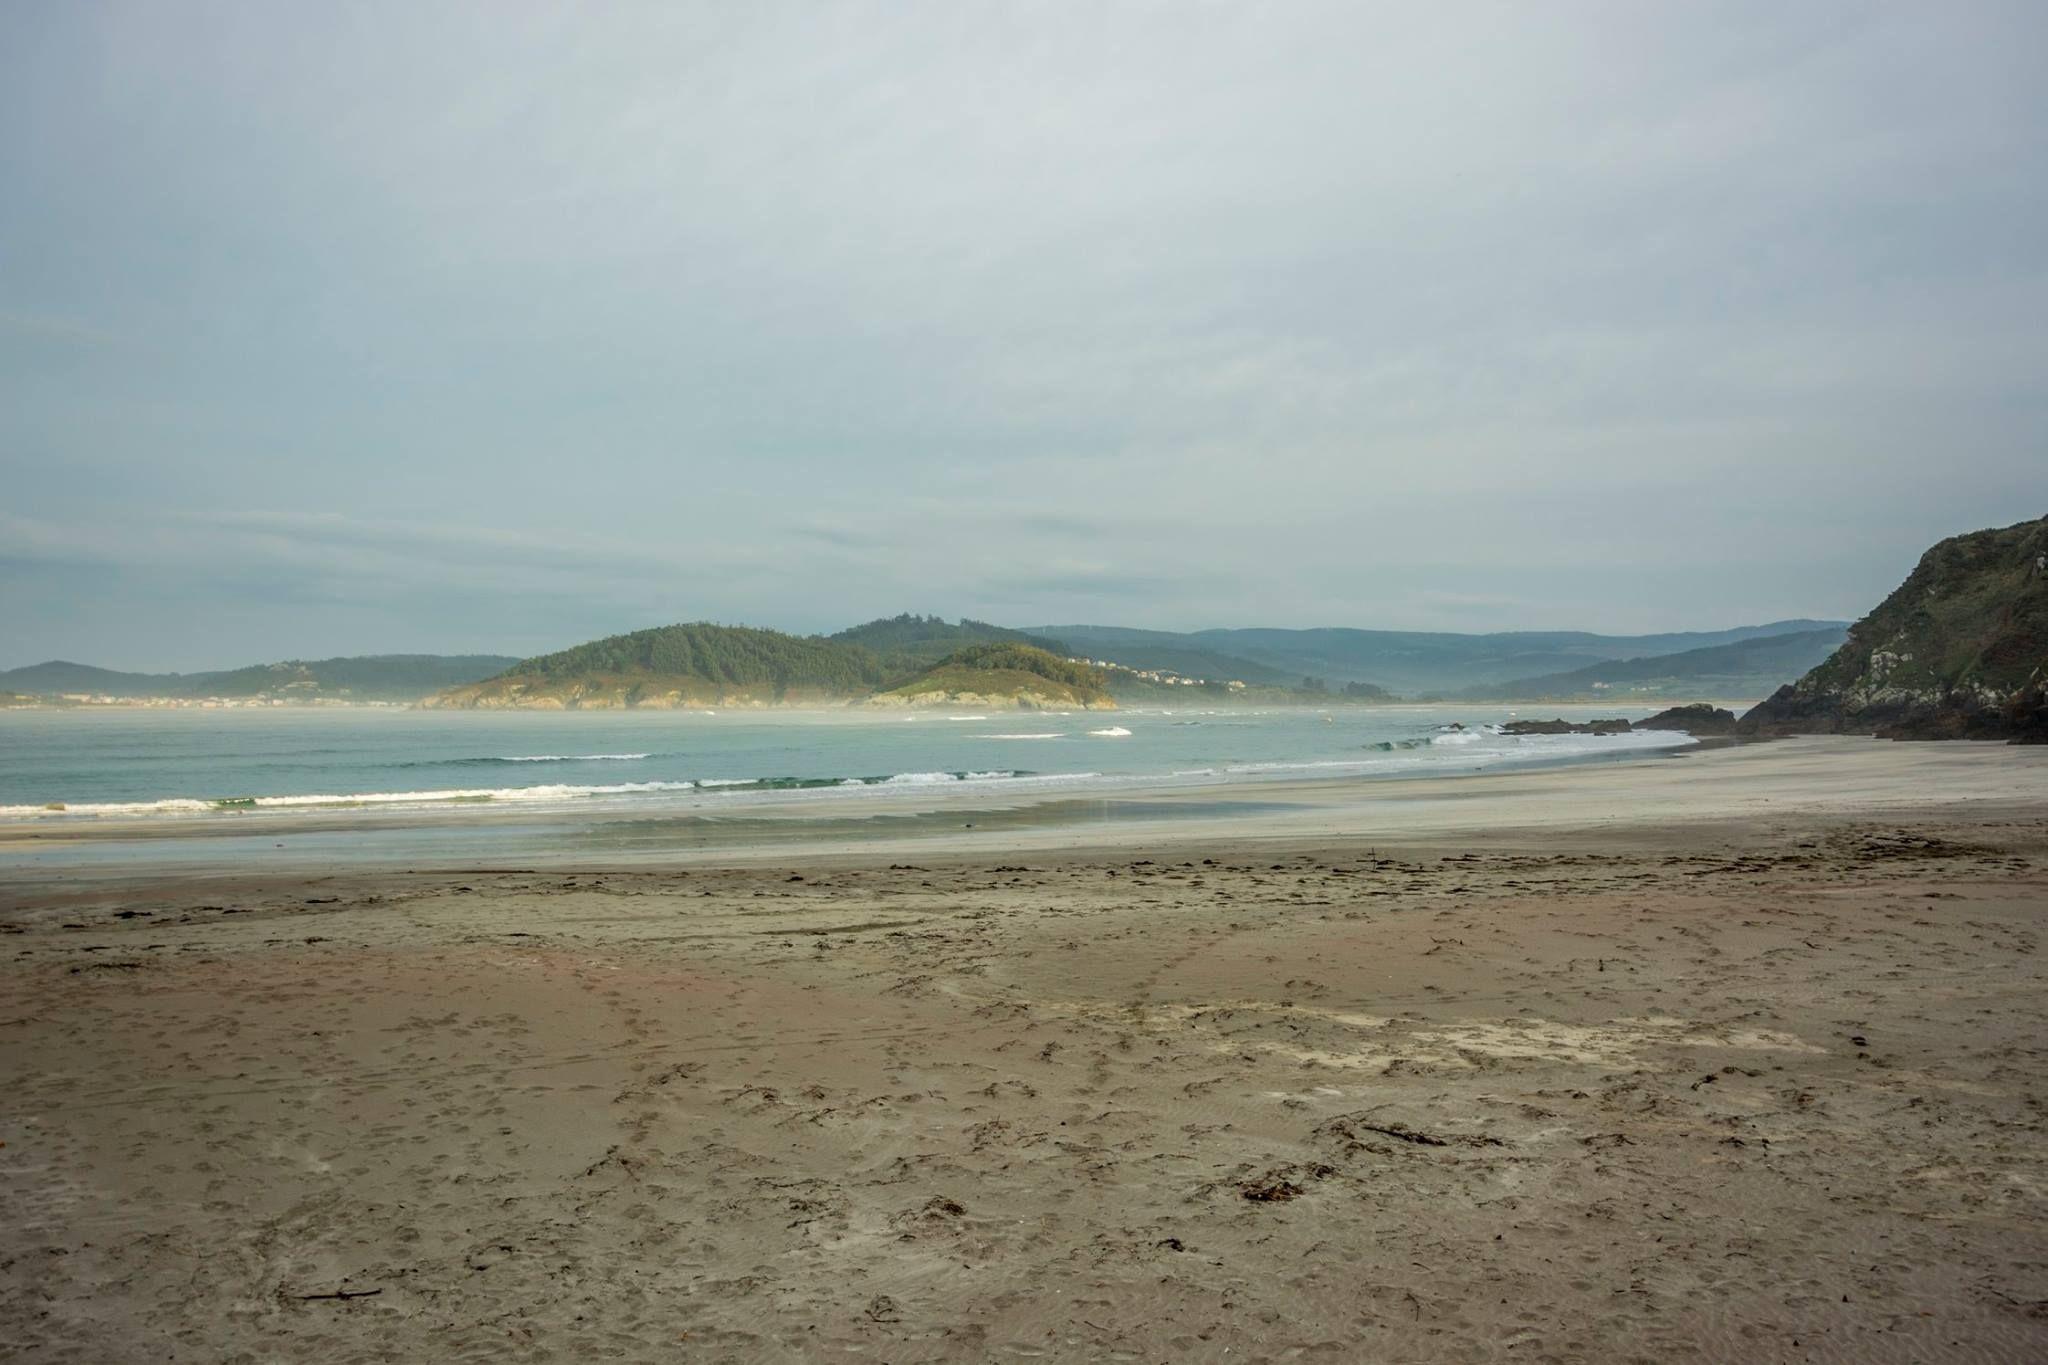 Playa de Fornos en el Concejo de Cariño - . La Coruña / Galicia 12183927_1962284887330803_5869888126329234532_o.jpg (2048×1365)